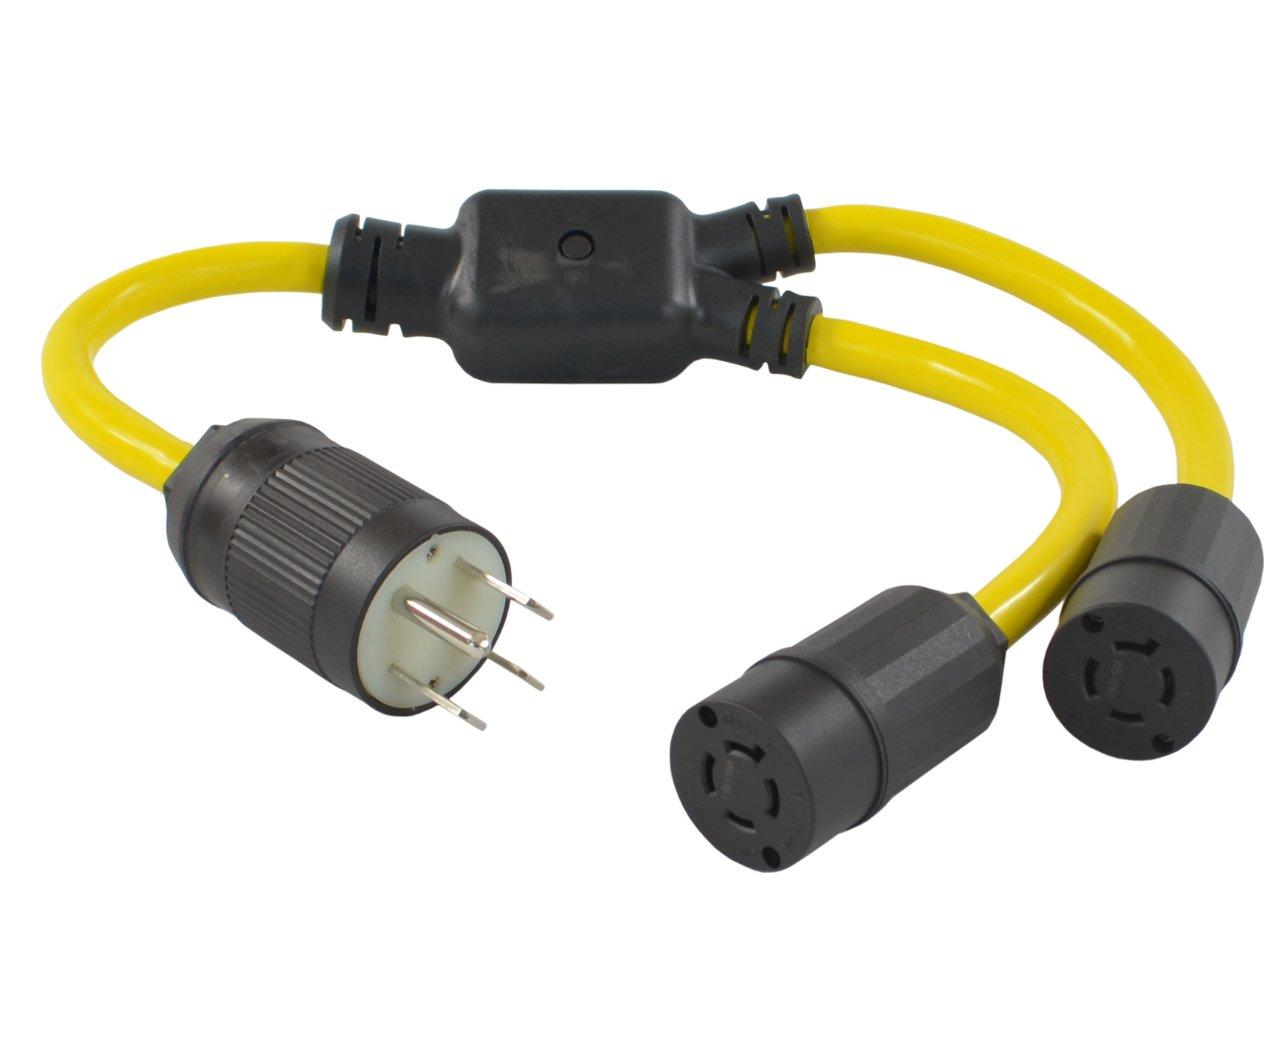 Cheap 50 Amp Range Plug Find 50 Amp Range Plug Deals On Line At